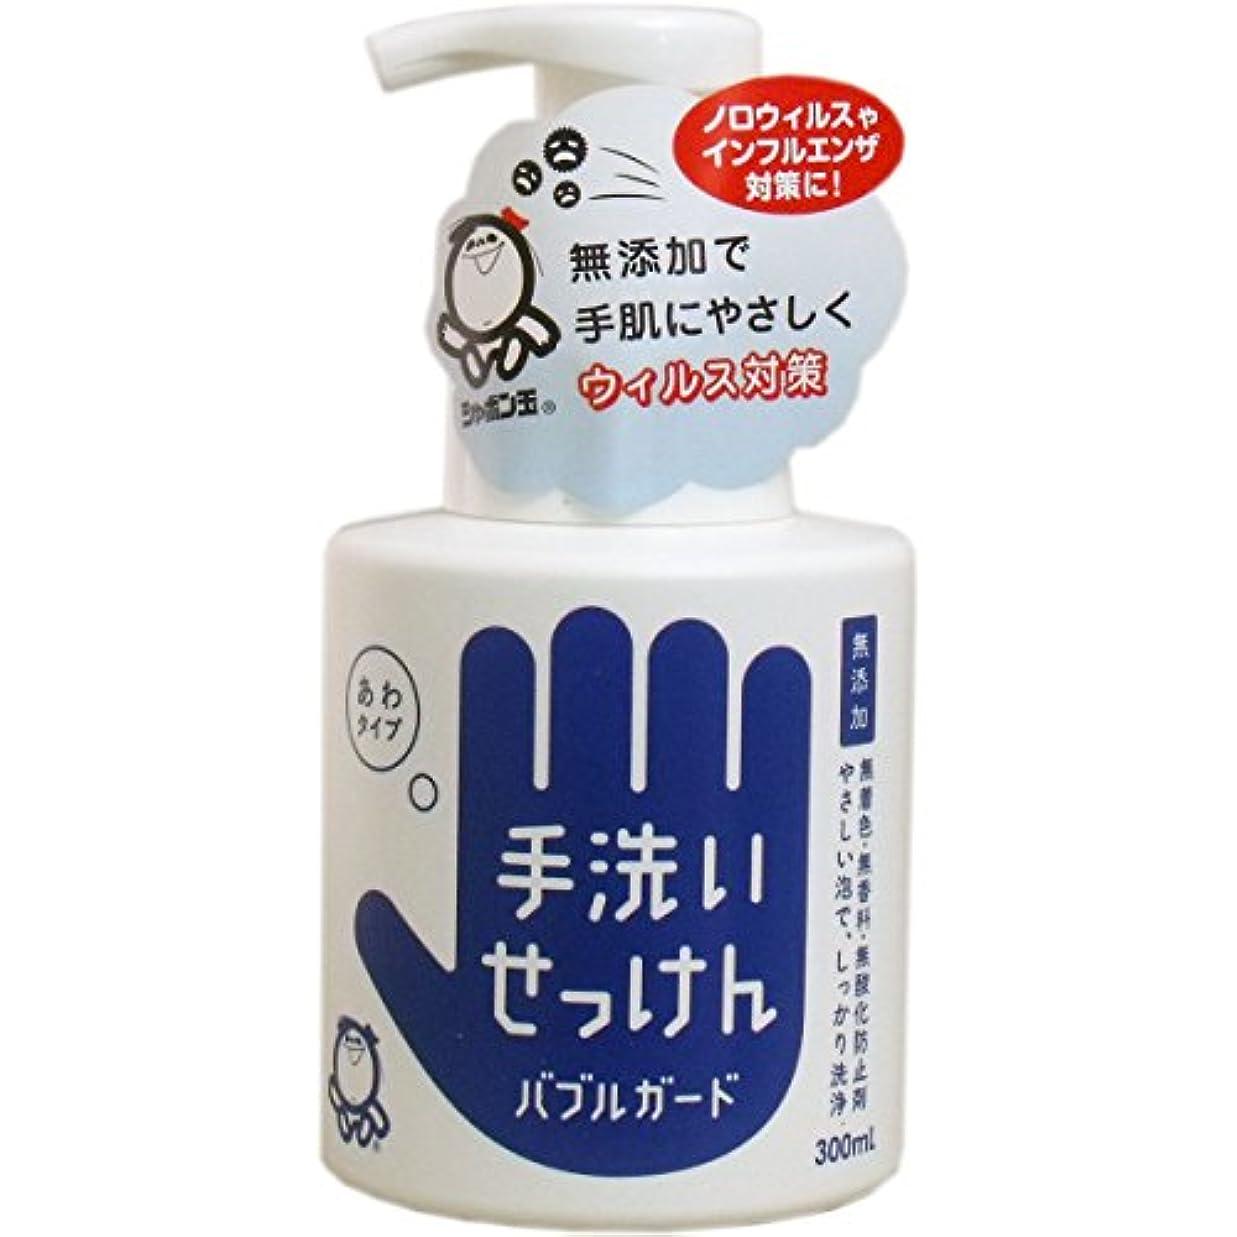 [シャボン玉石けん 1602793] (ケア商品)手洗いせっけん バブルガード 泡タイプ 本体 300ml